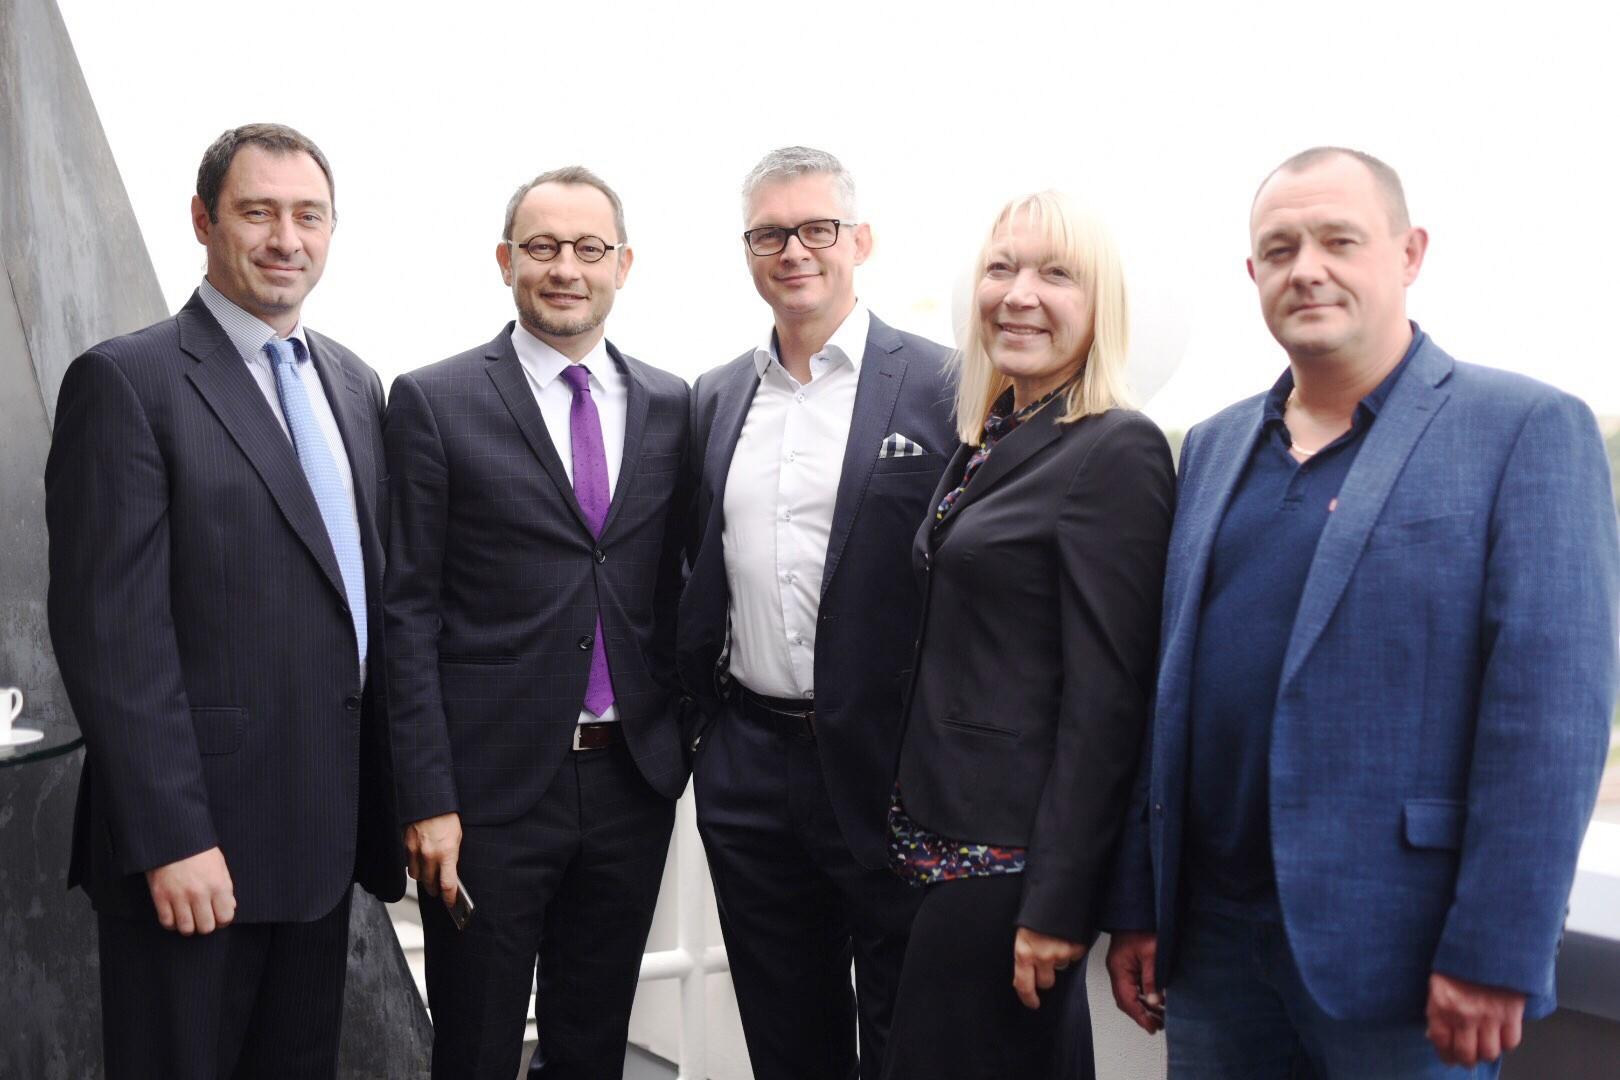 Росмолд перешла под управление Мессе Франкфурт РУС -дочерней компанией выставочного концерна Messe Frankfurt GmbH. Фото и подробности